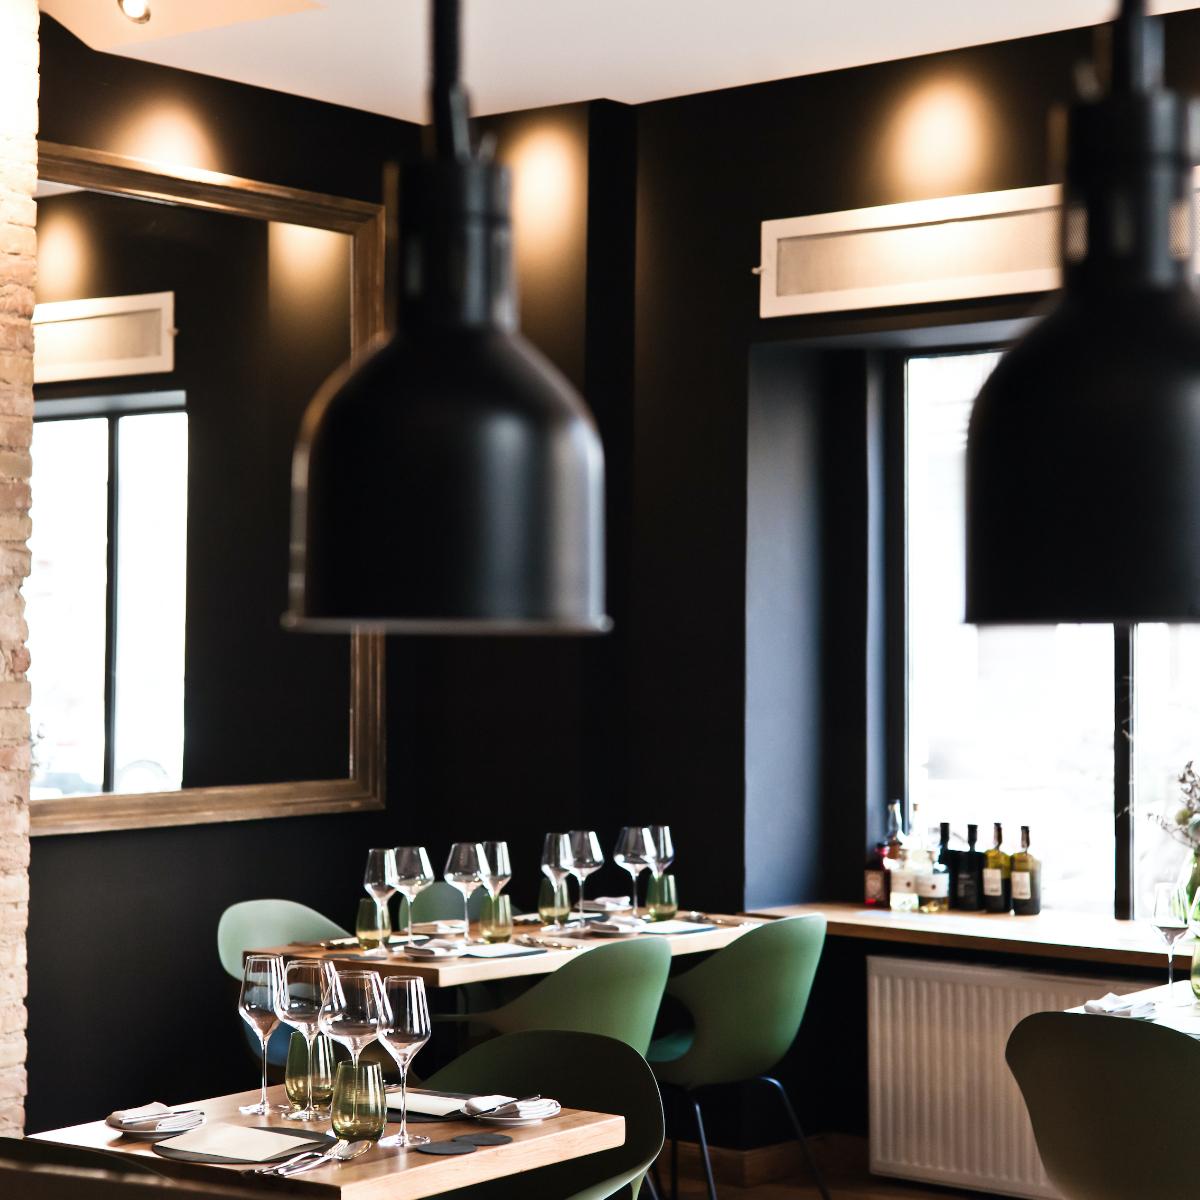 Restaurant faelt Berlin by Lily Roggemann